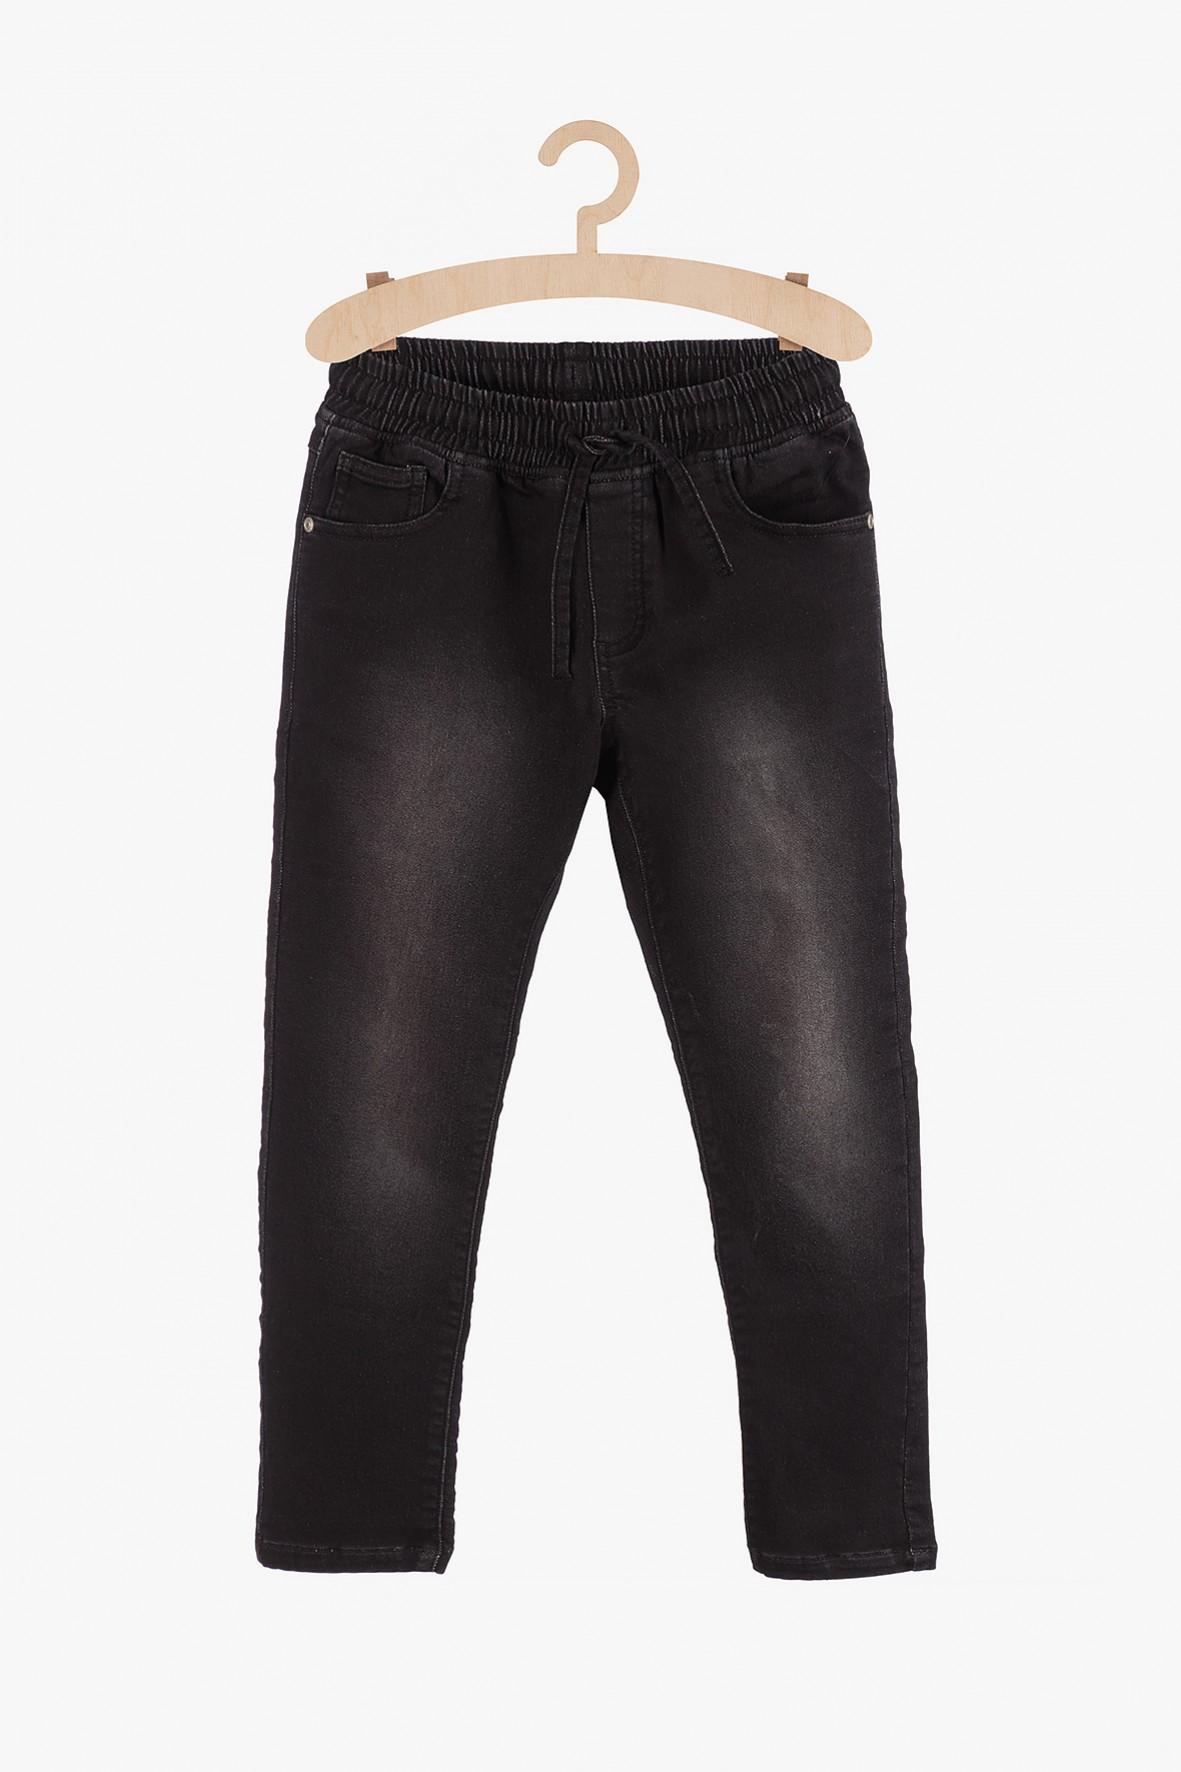 Spodnie chłopięce chinosy- czarne z przetarciami